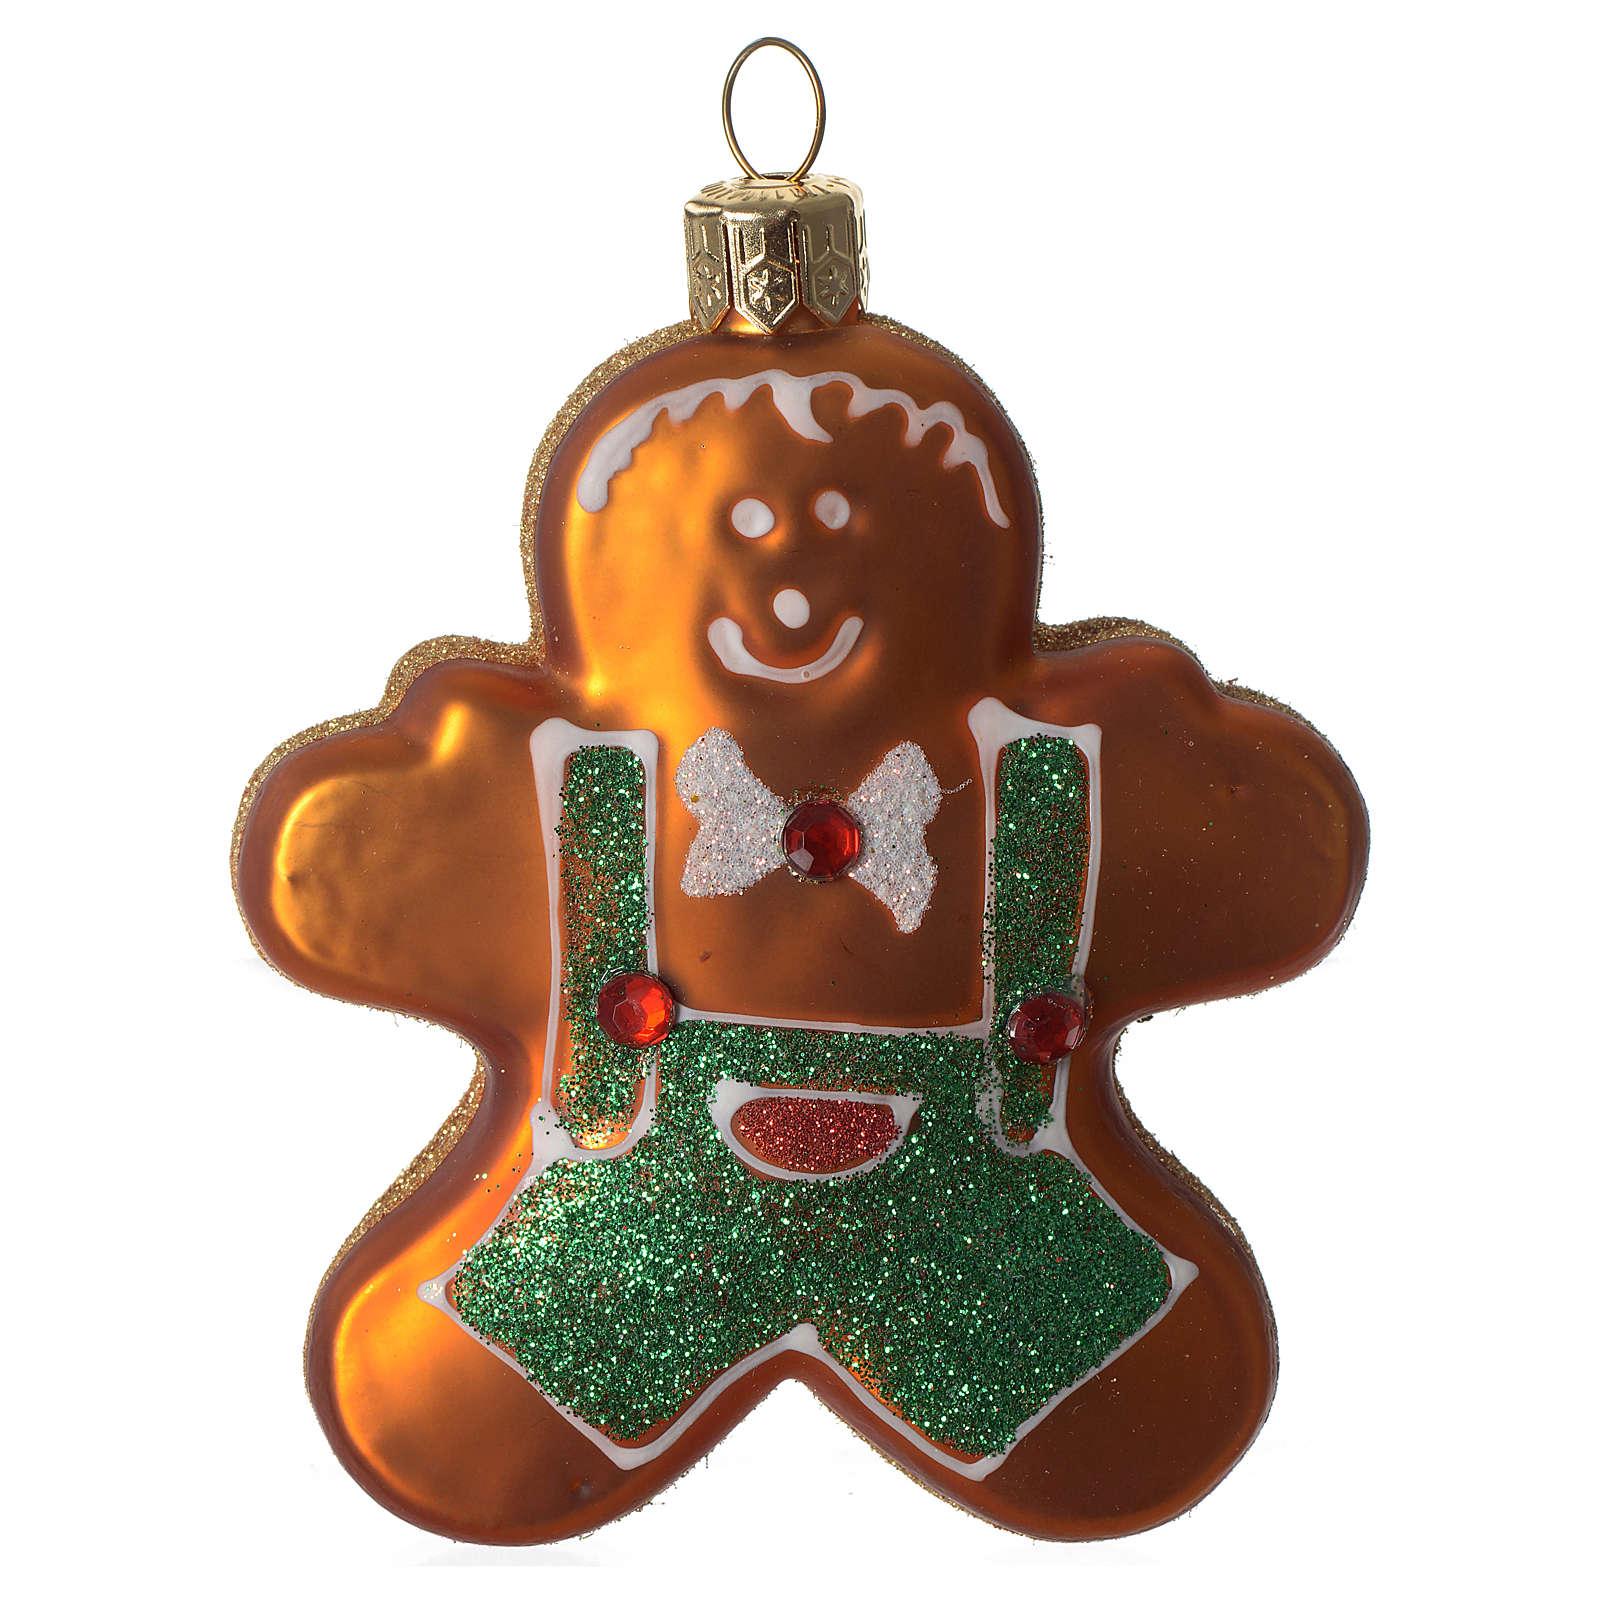 Boneco pão de mel adorno árvore Natal vidro soprado 4